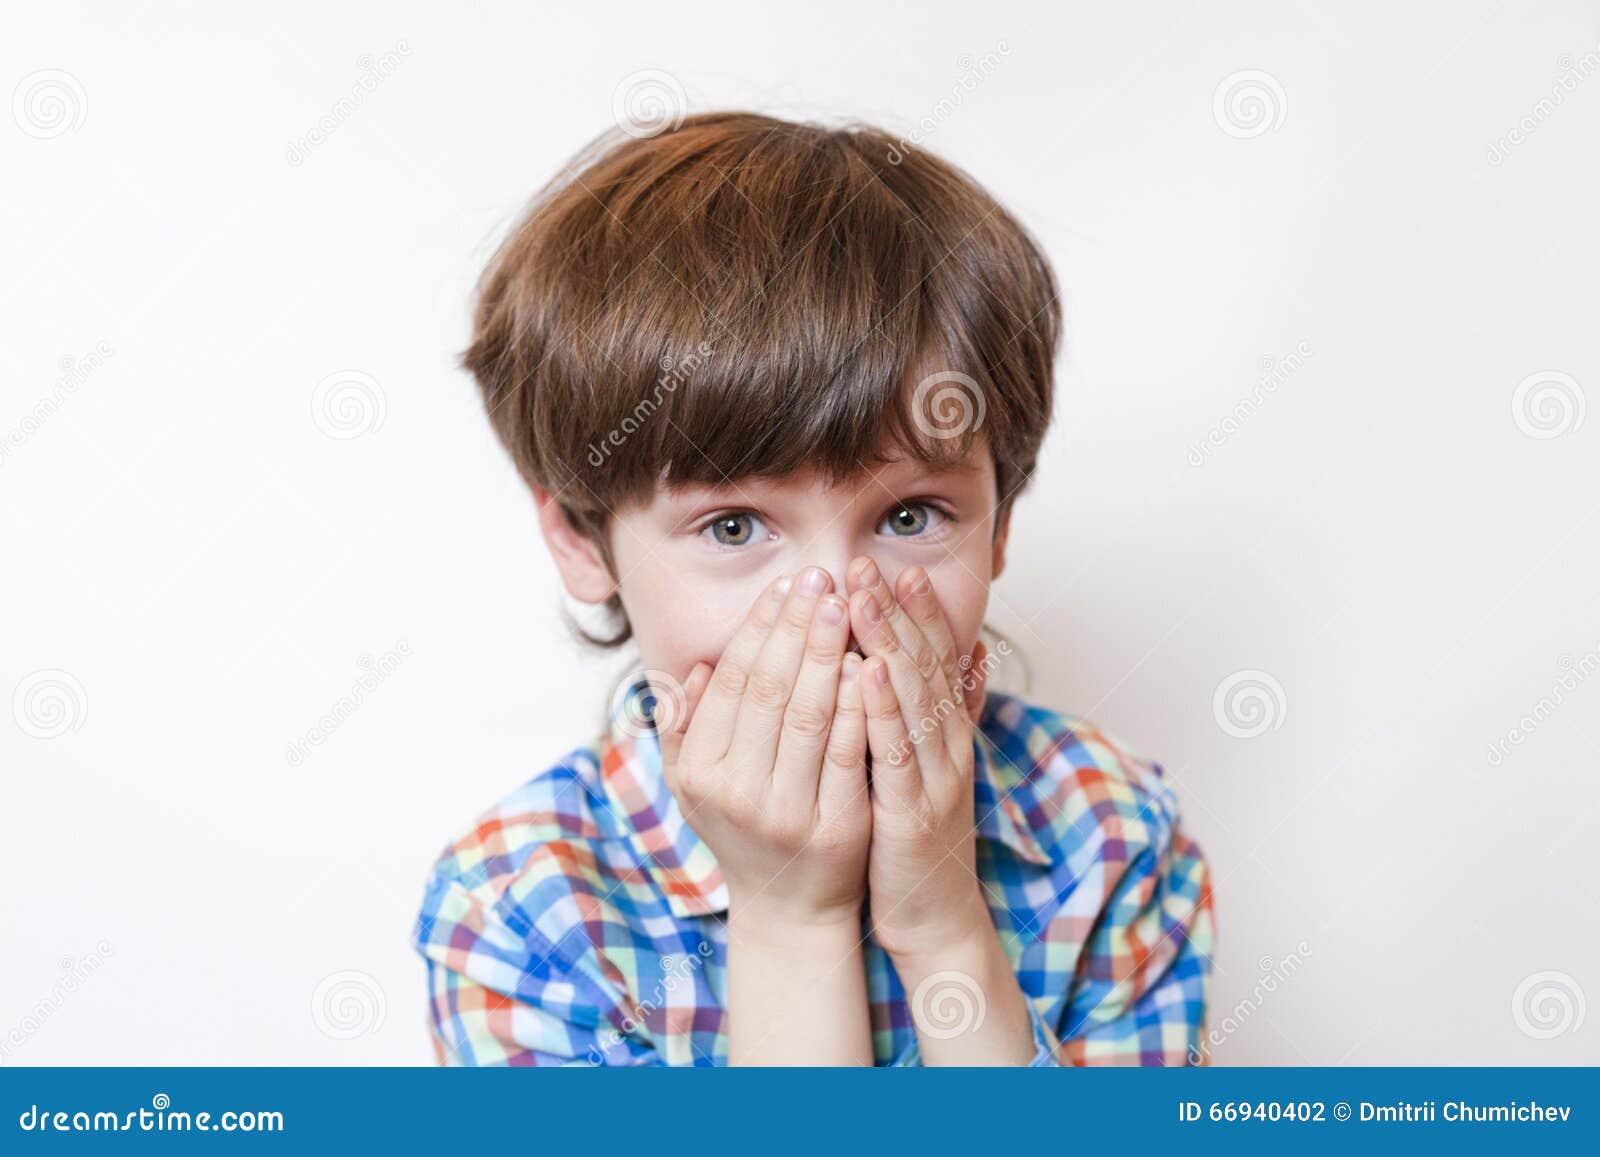 Zdziwiona chłopiec na białym tle